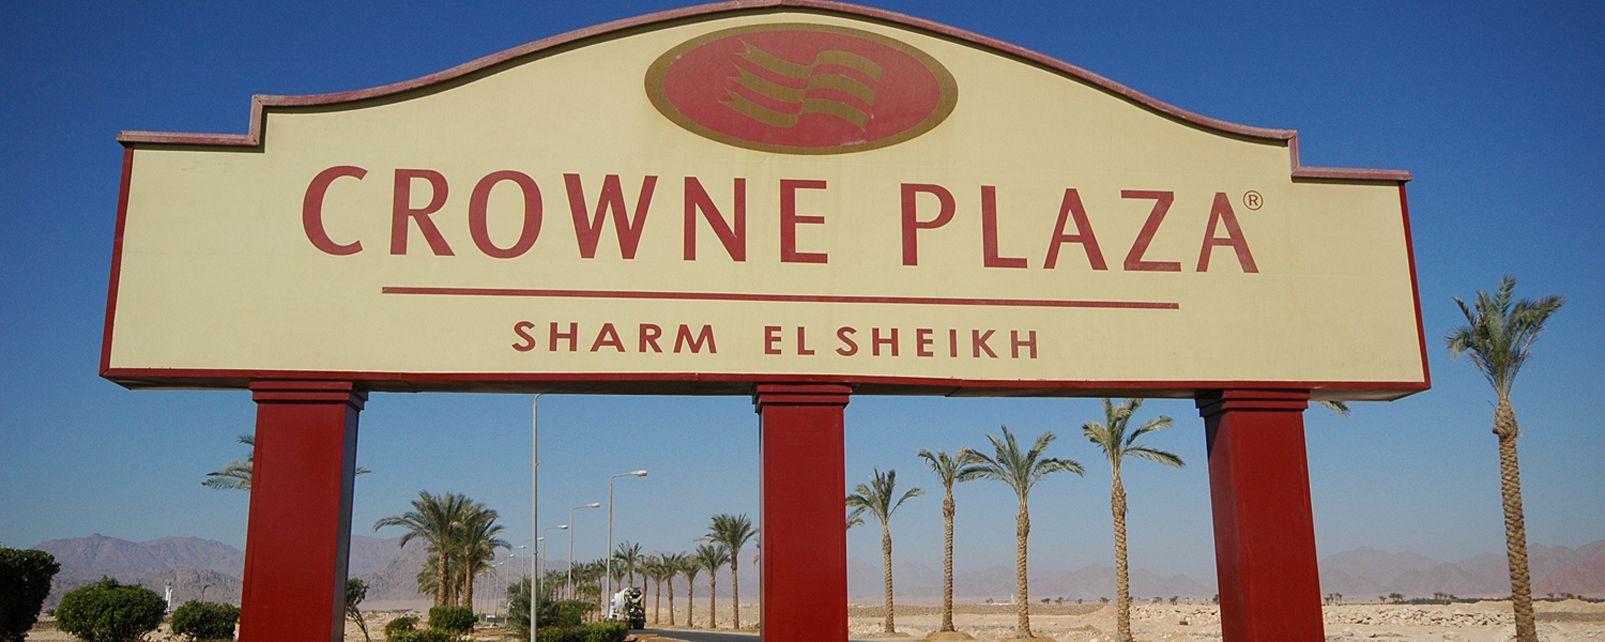 Hotel Crowne Plaza - Sharm El Sheikh